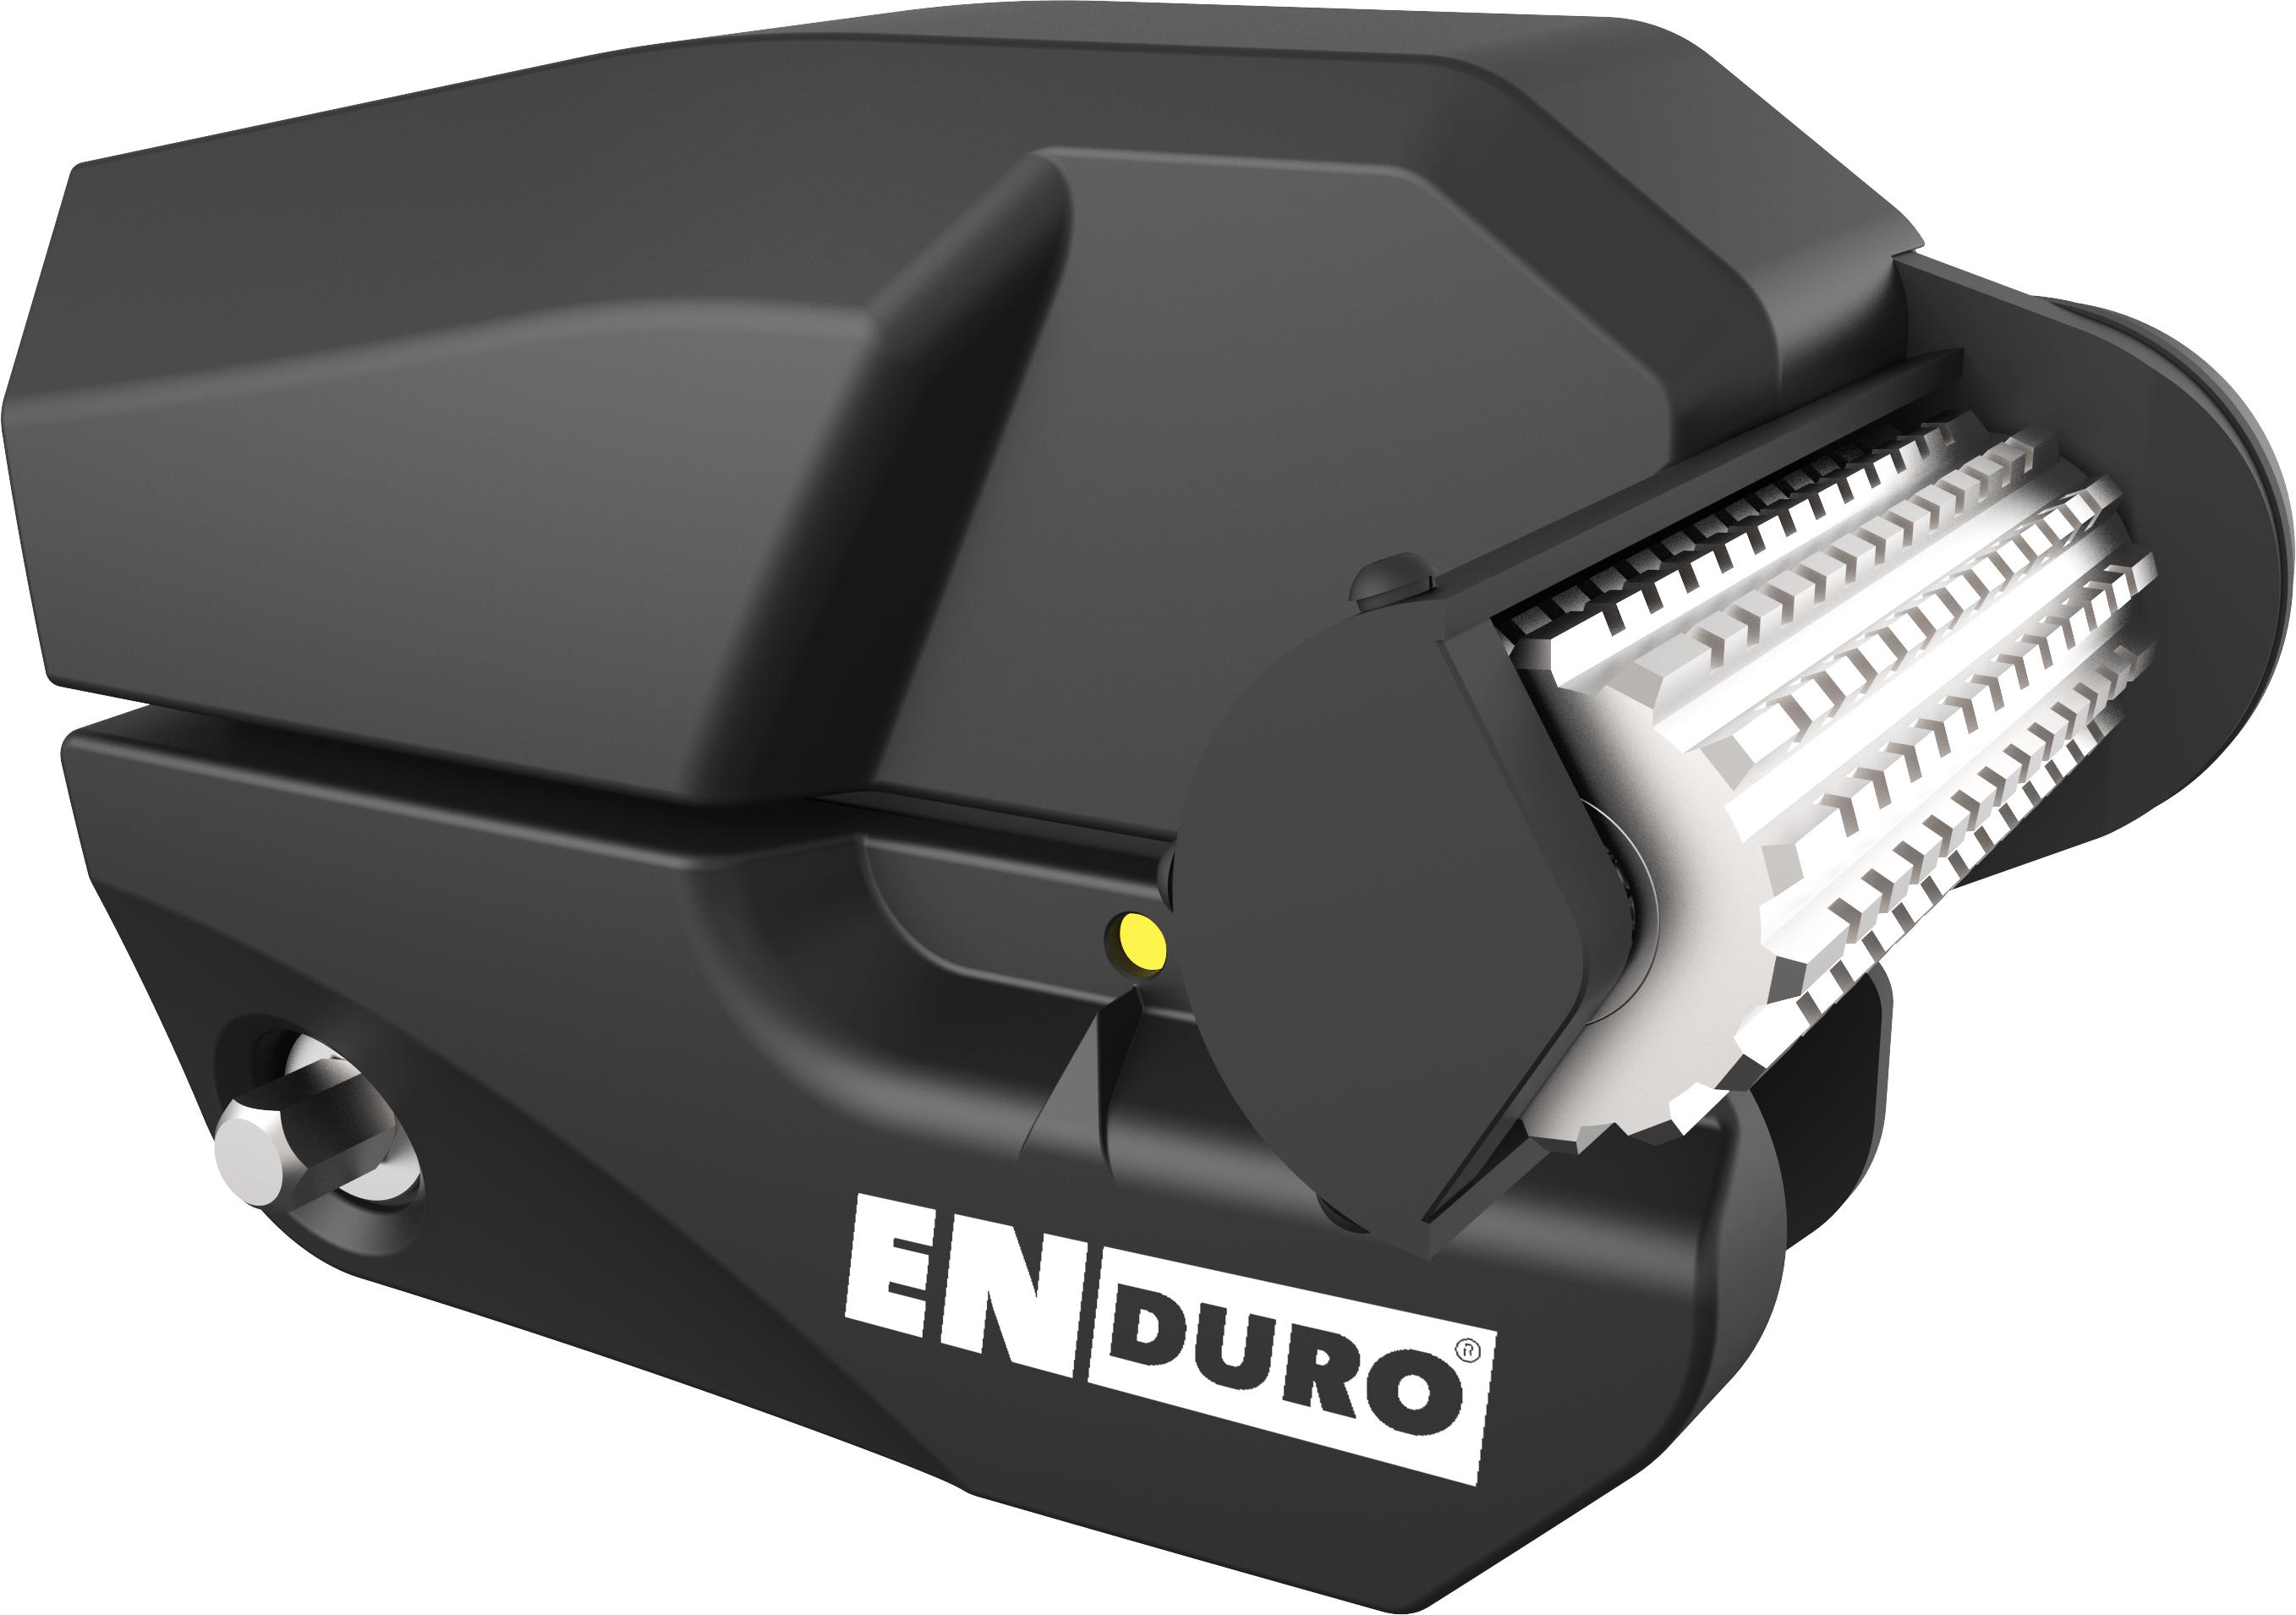 Enduro EM303+ mover manuális 1800 kg